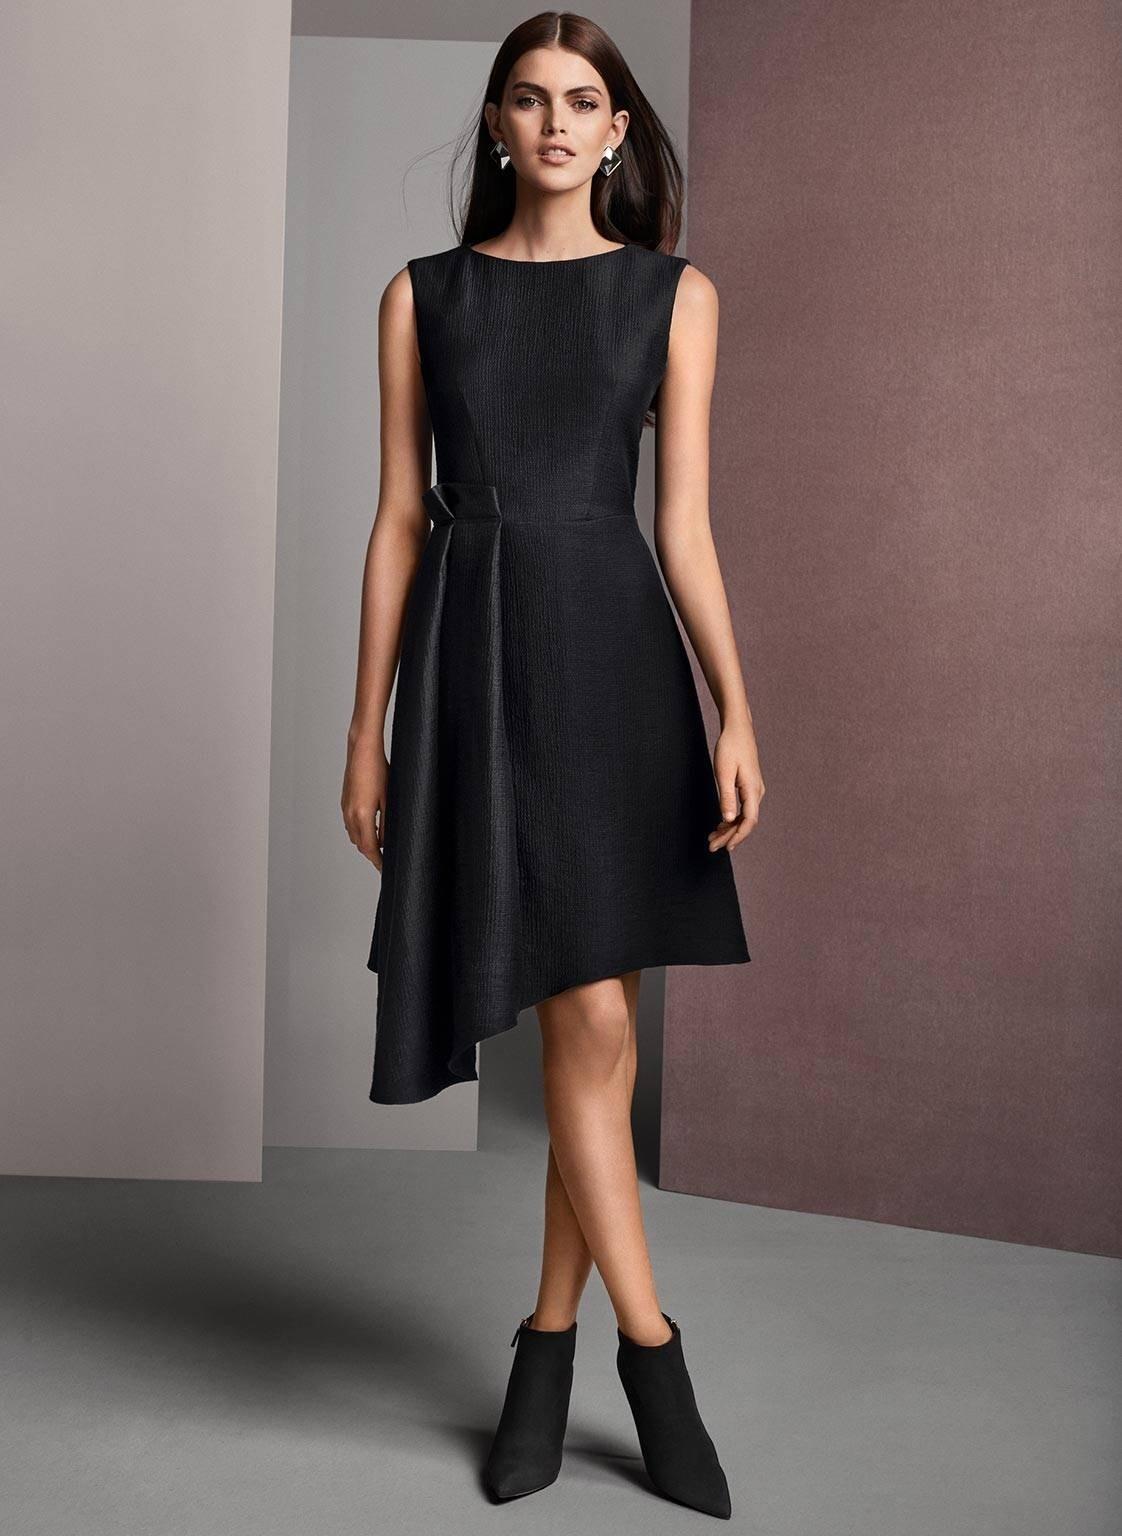 13 Ausgezeichnet Kleid Knielang Schwarz Ärmel10 Großartig Kleid Knielang Schwarz Bester Preis